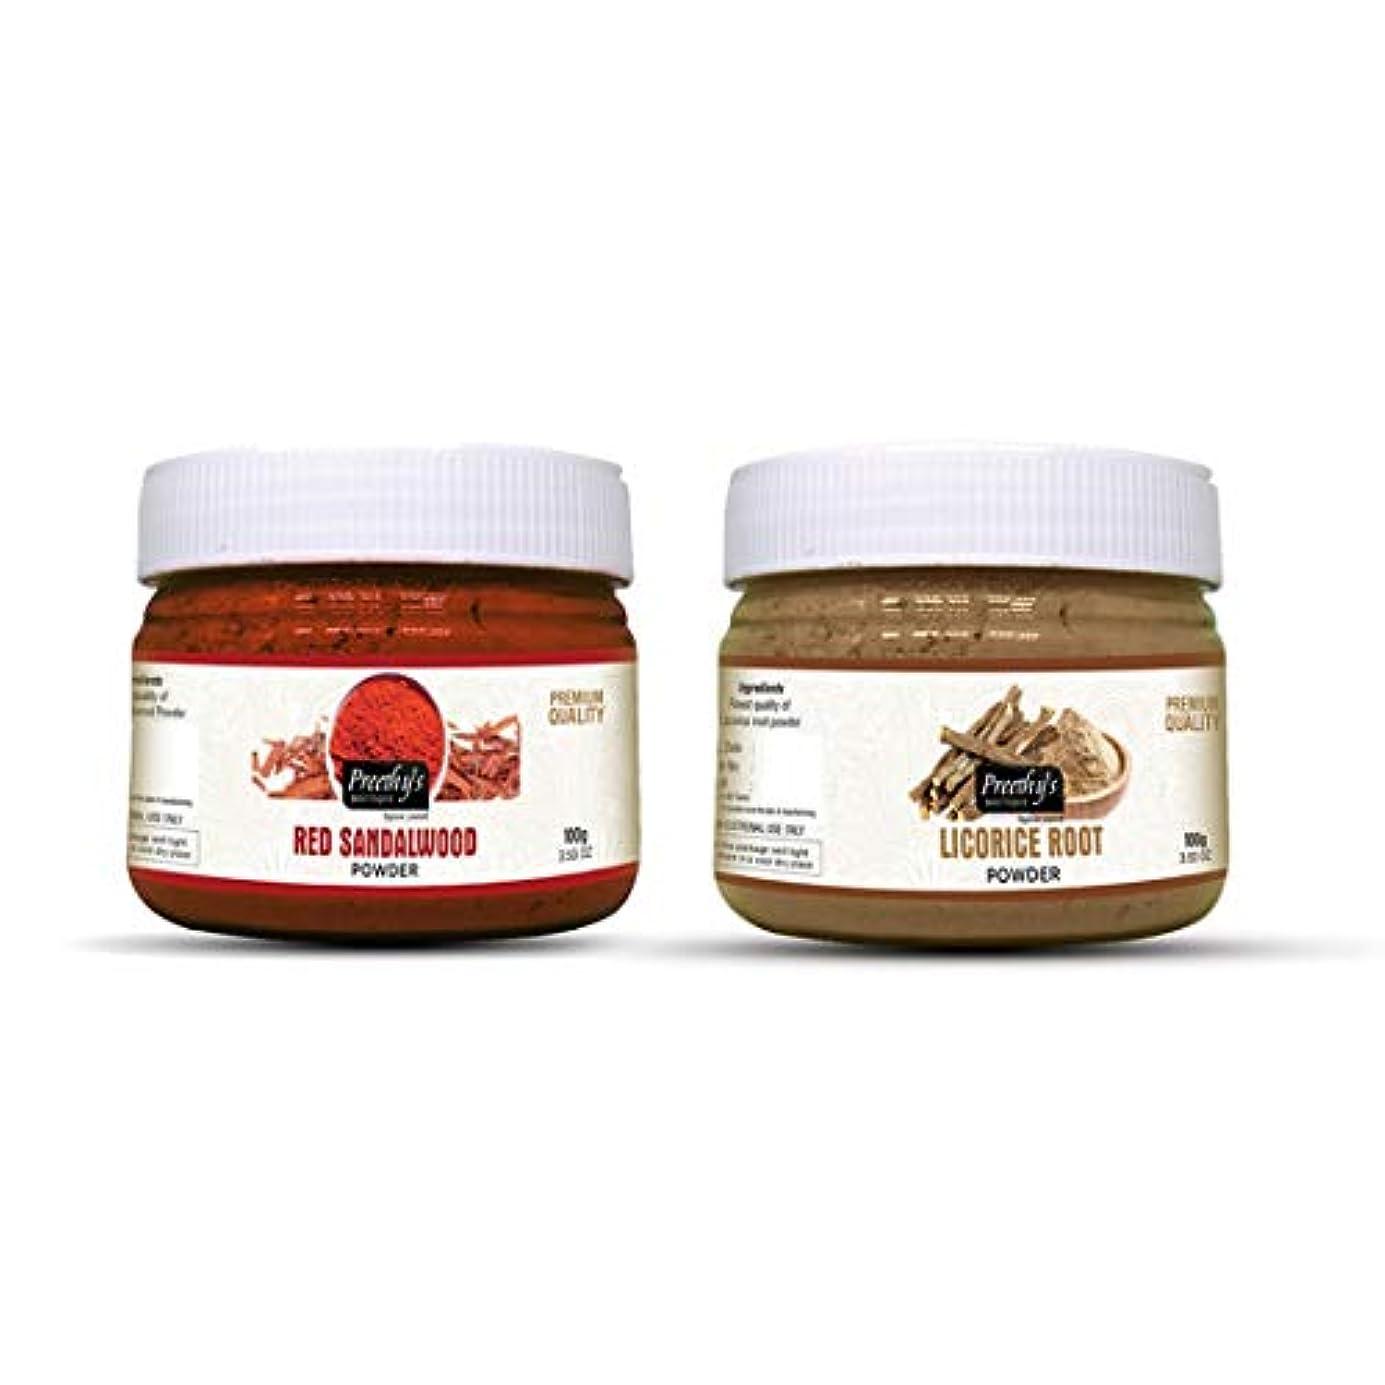 規則性慣れている欠乏Combo offer Of Licorice root powder 100gm & Red sandalwood powder 100gm - Natural Remedies for Skin Disorders,...